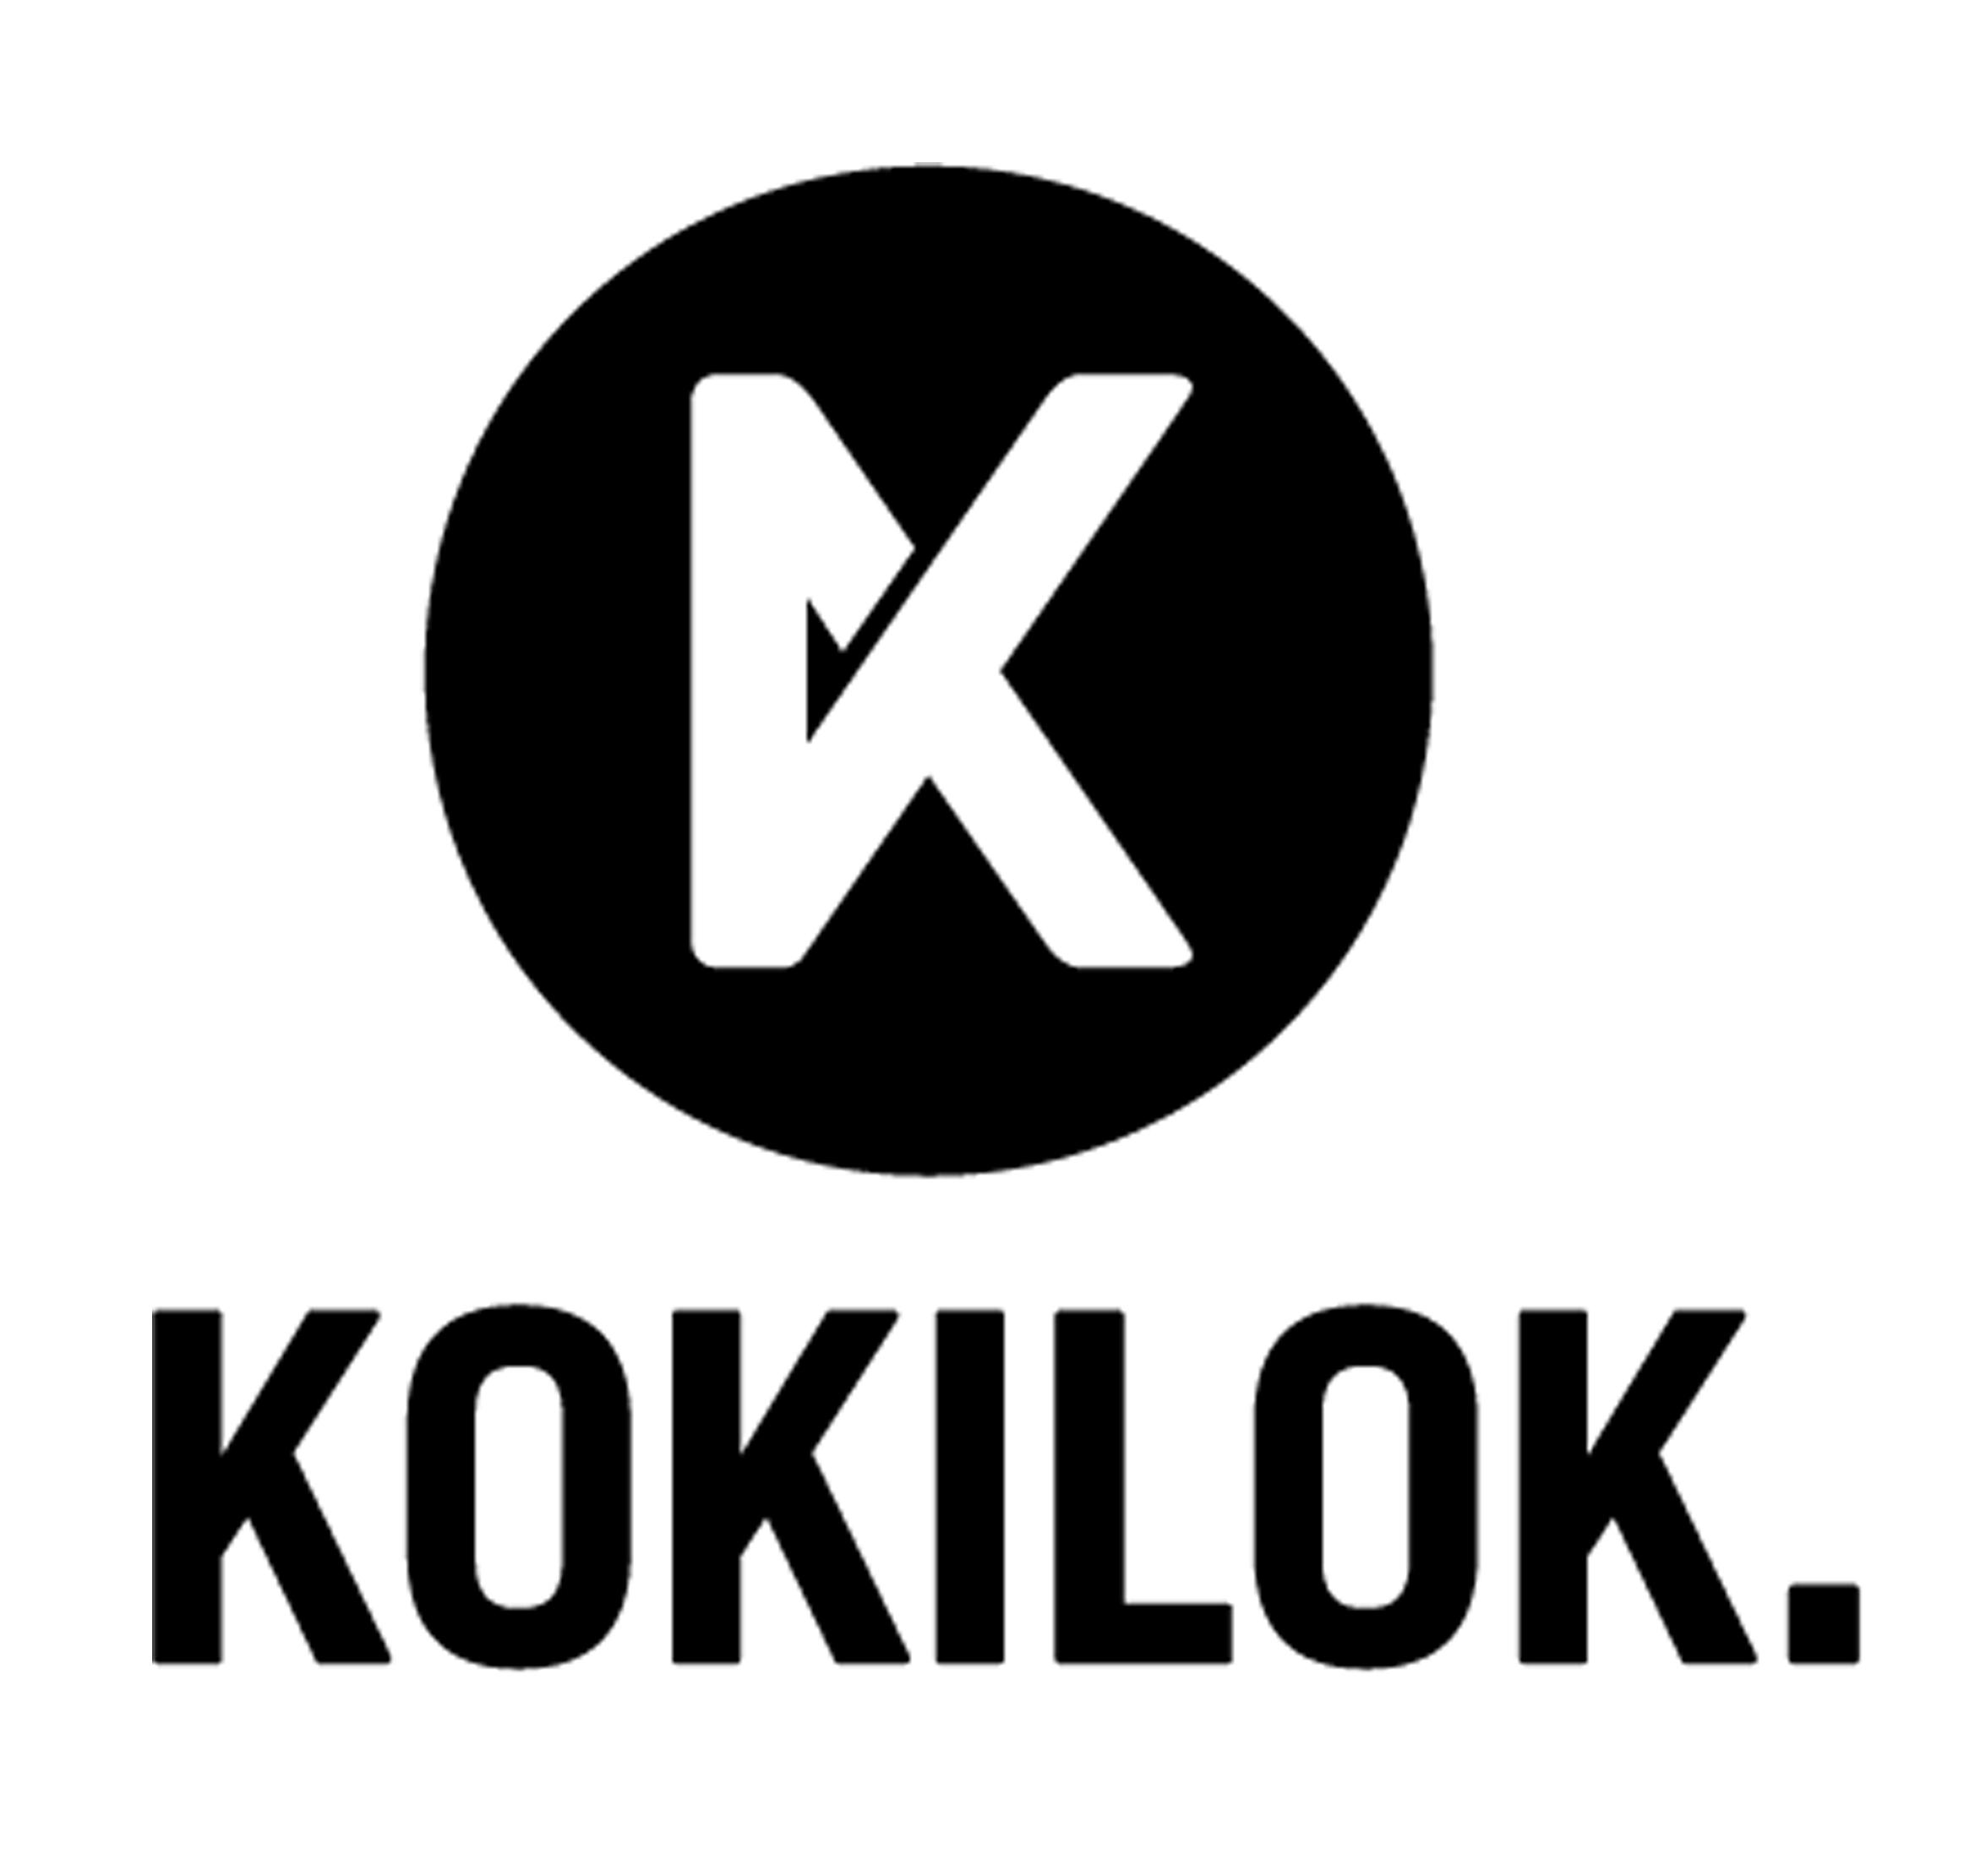 logo_kokilo-fb_3819_1398438001.jpg